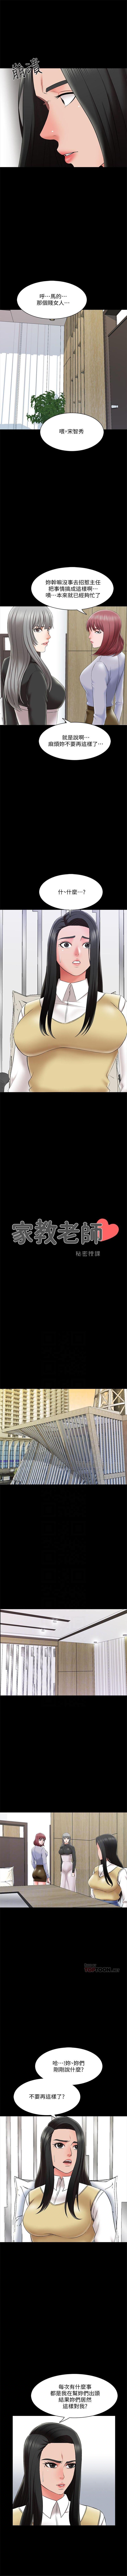 家教老師 1-42 官方中文(連載中) 173